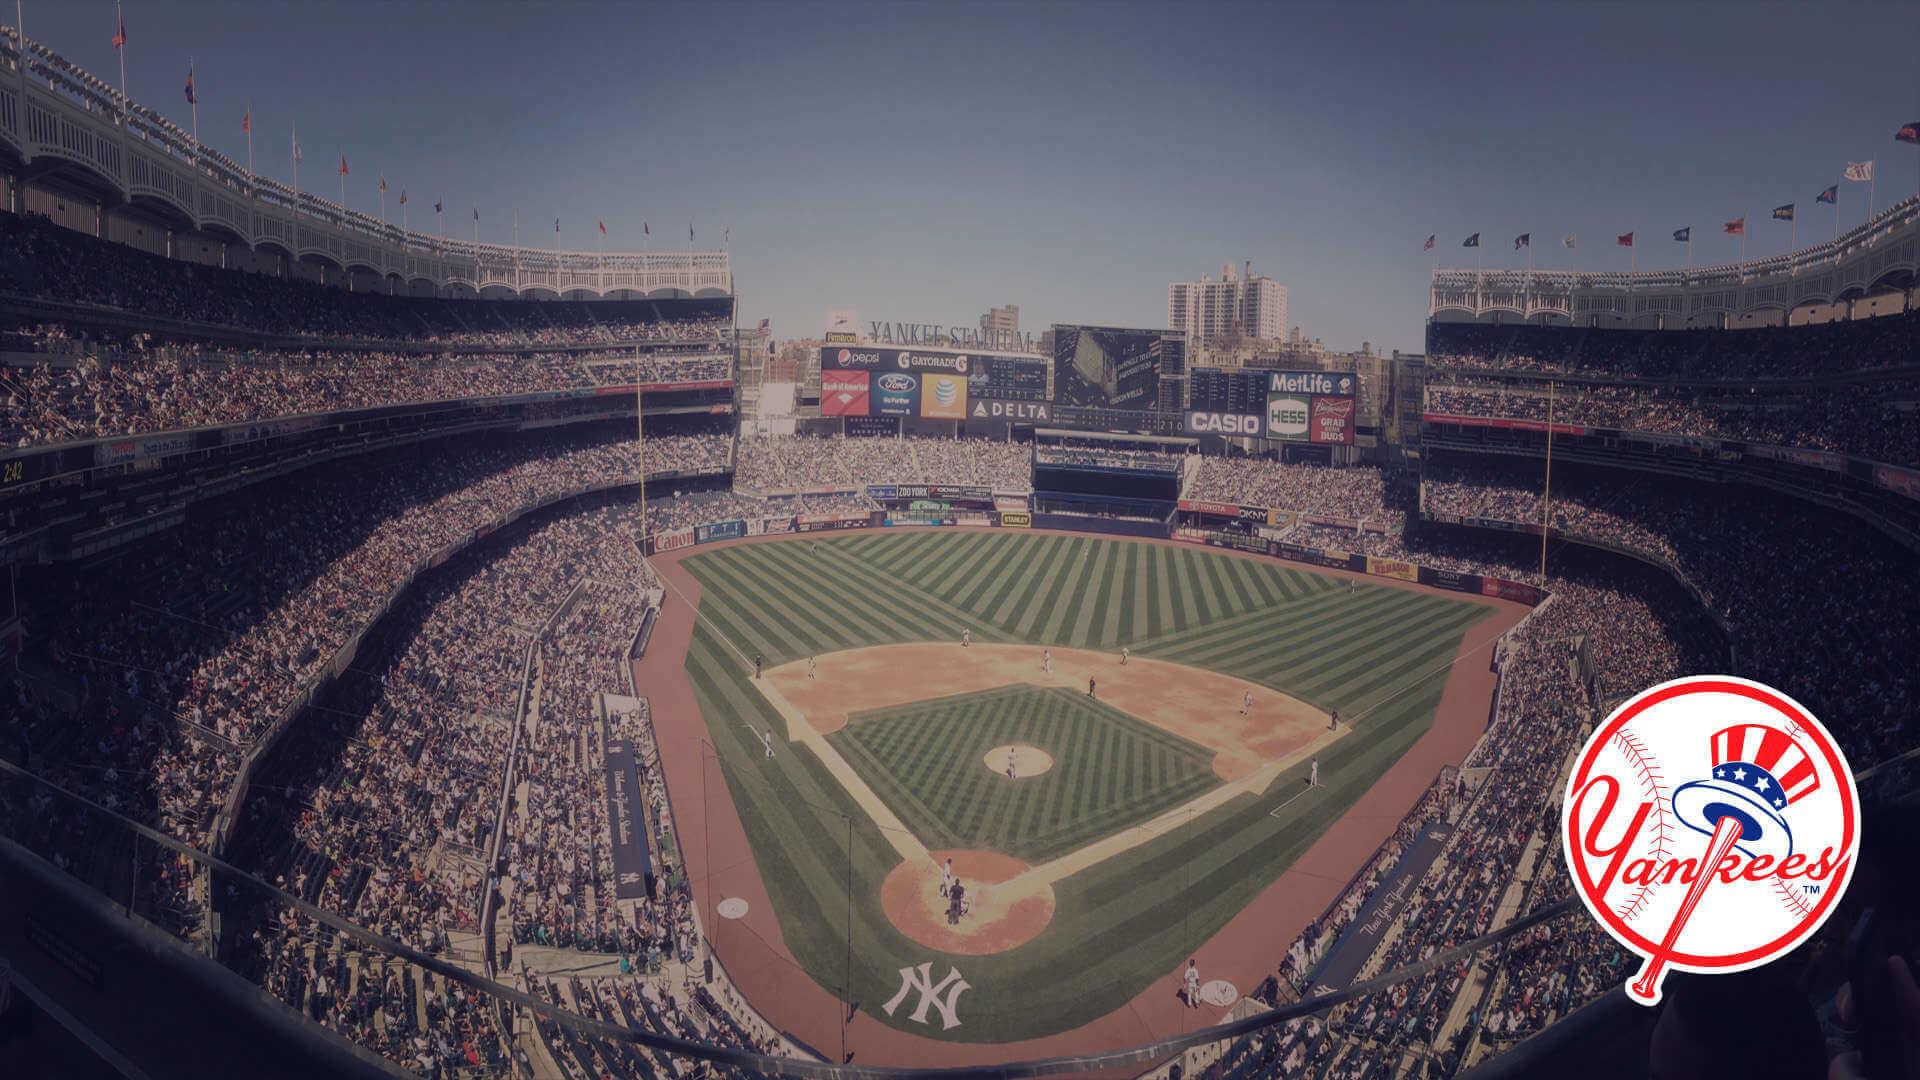 Ny Yankees Wallpaper Wallpapertag